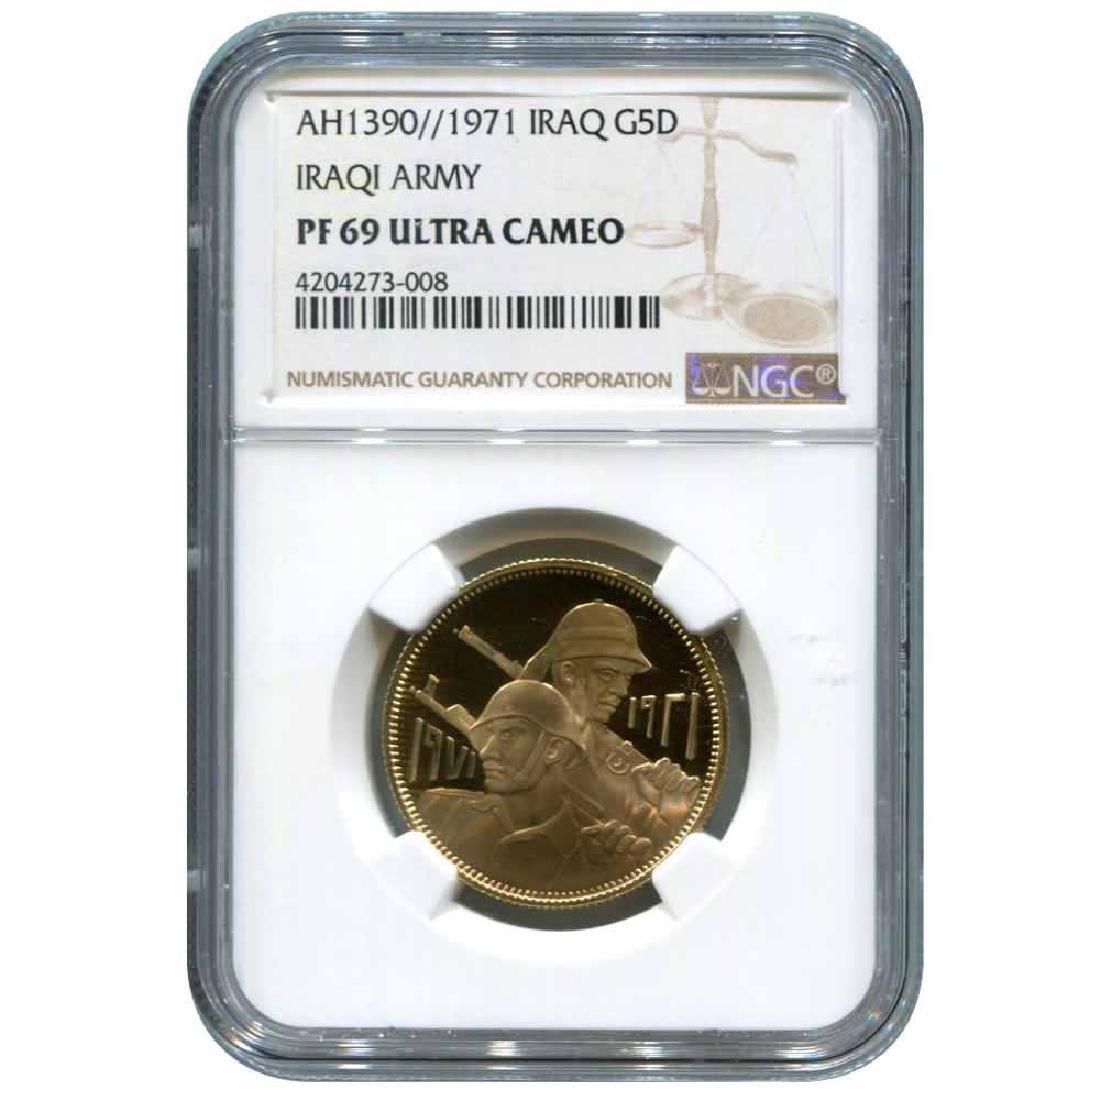 Iraq 5 dinars gold 1971 PF69 50th Anniversary Iraqi Arm